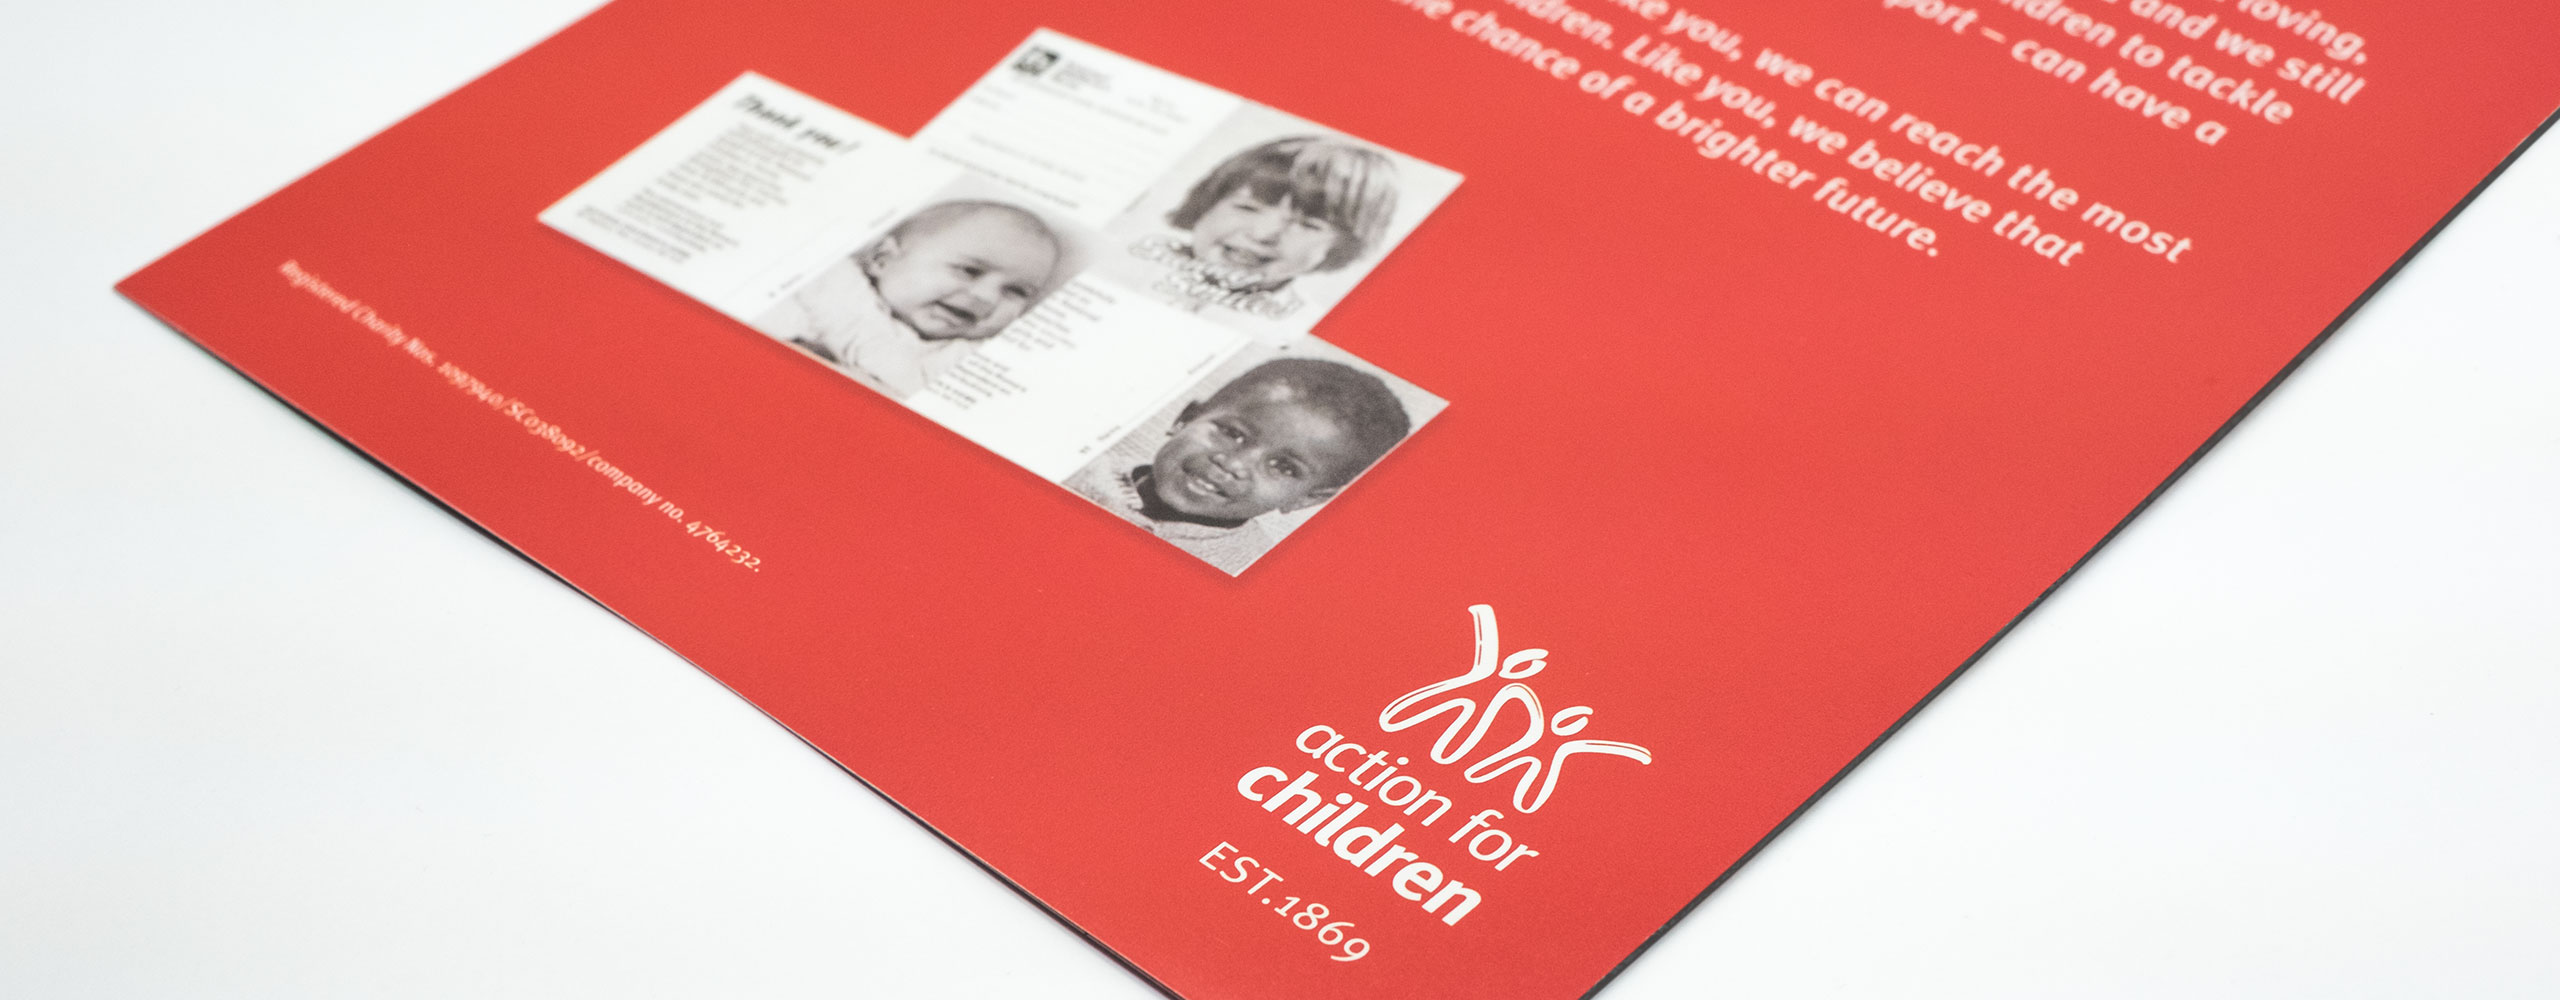 ndm-slide-action-for-children